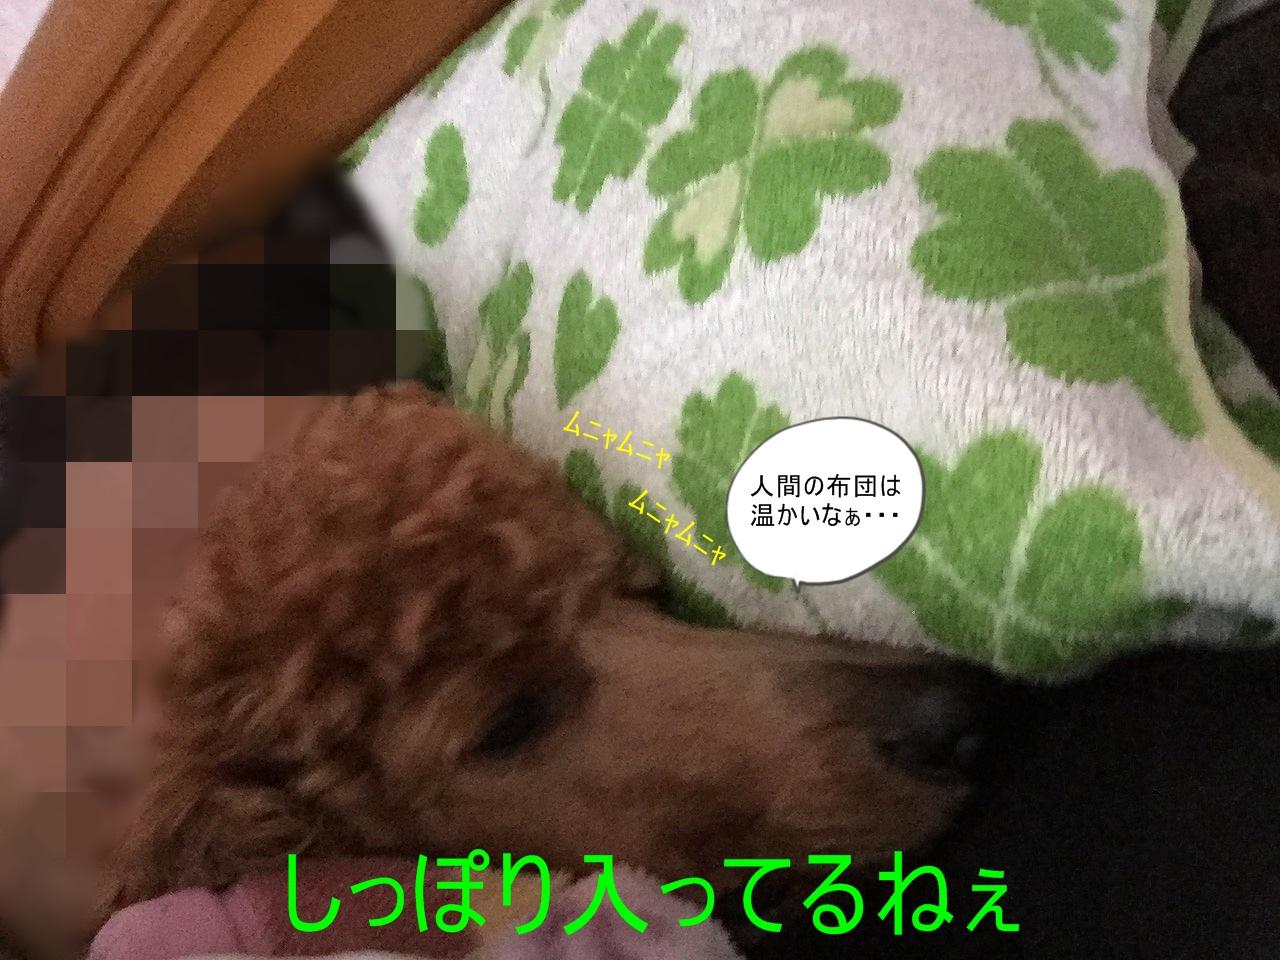 s6-IMG_4675.jpg